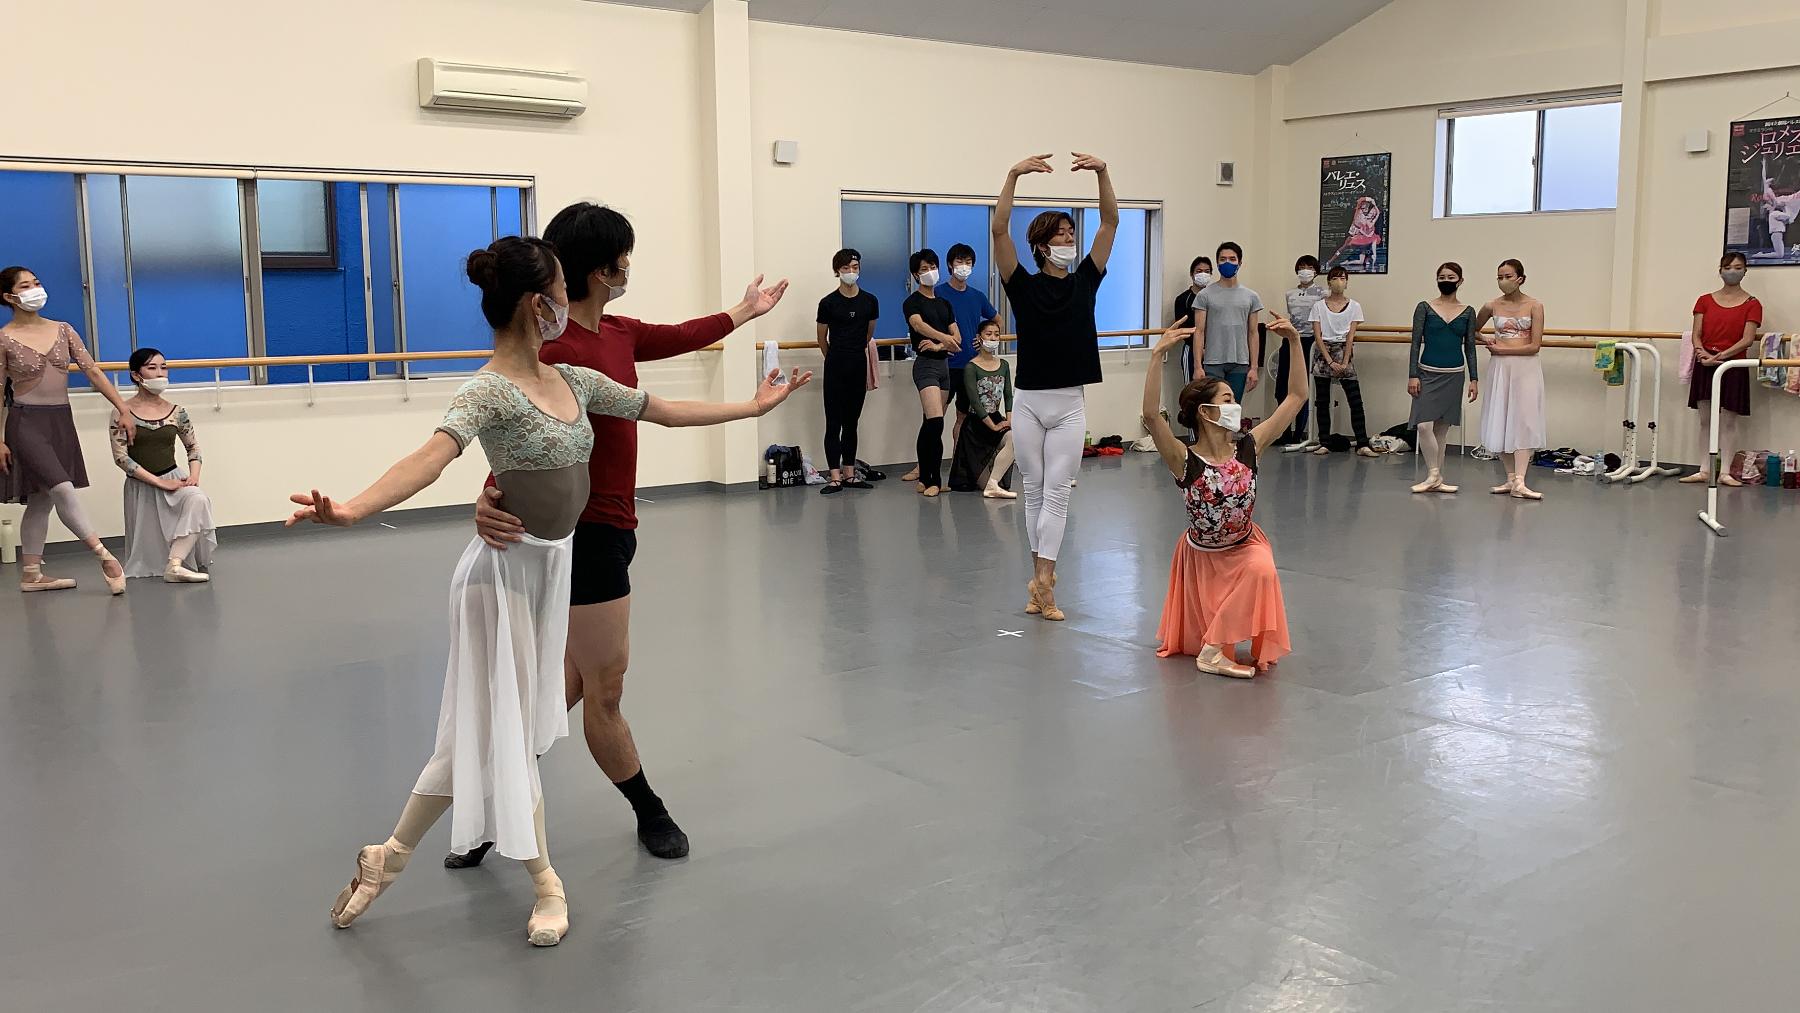 Ballet Company West Japan 第2回公演『ジゼル』リハーサル